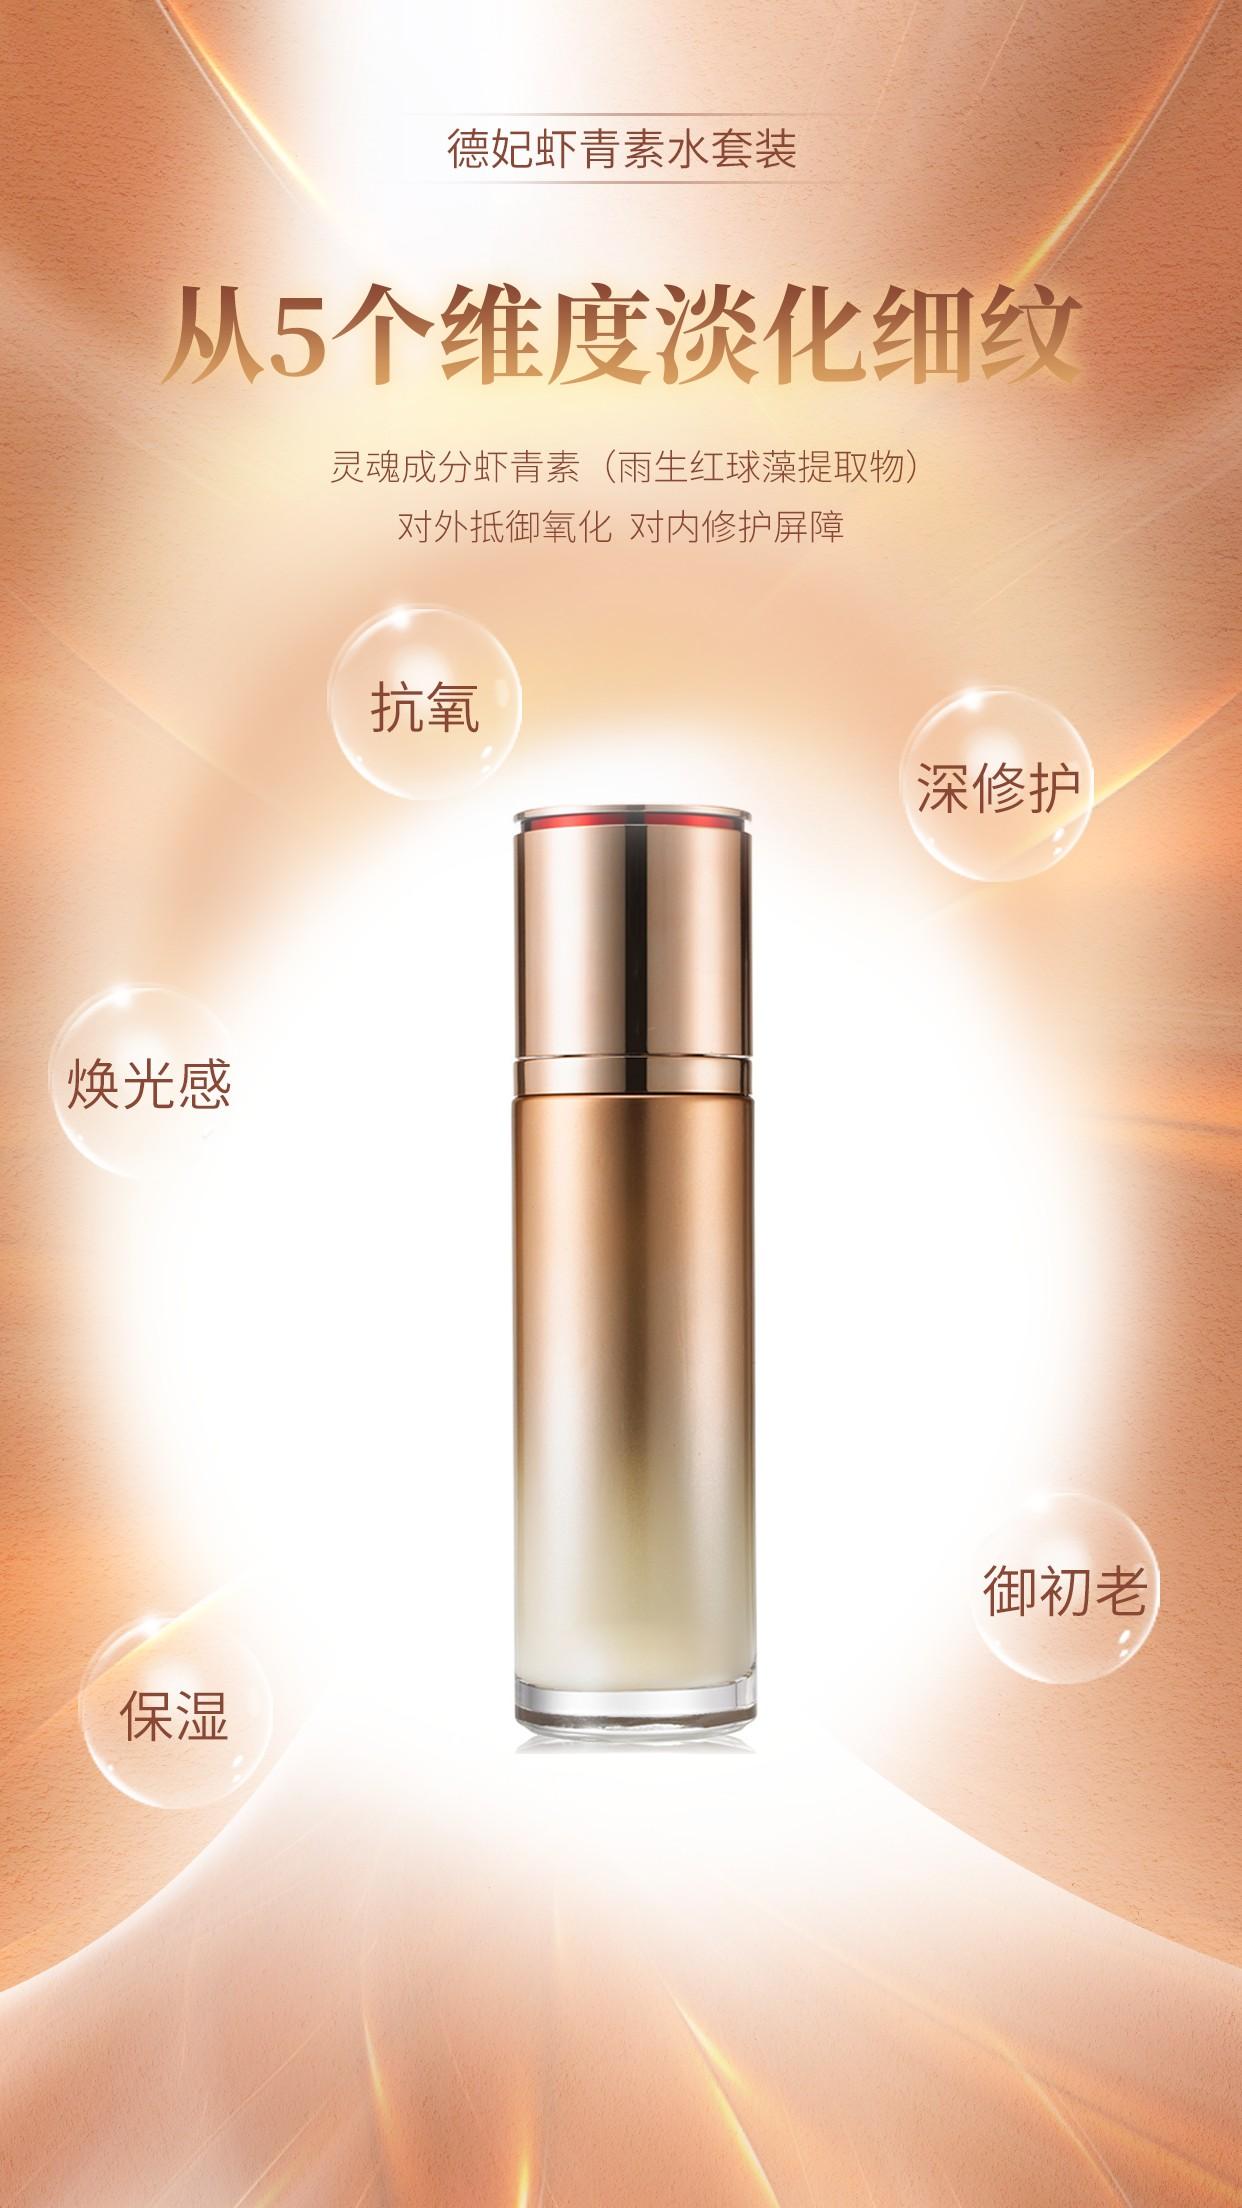 立体美容美妆促销手机海报